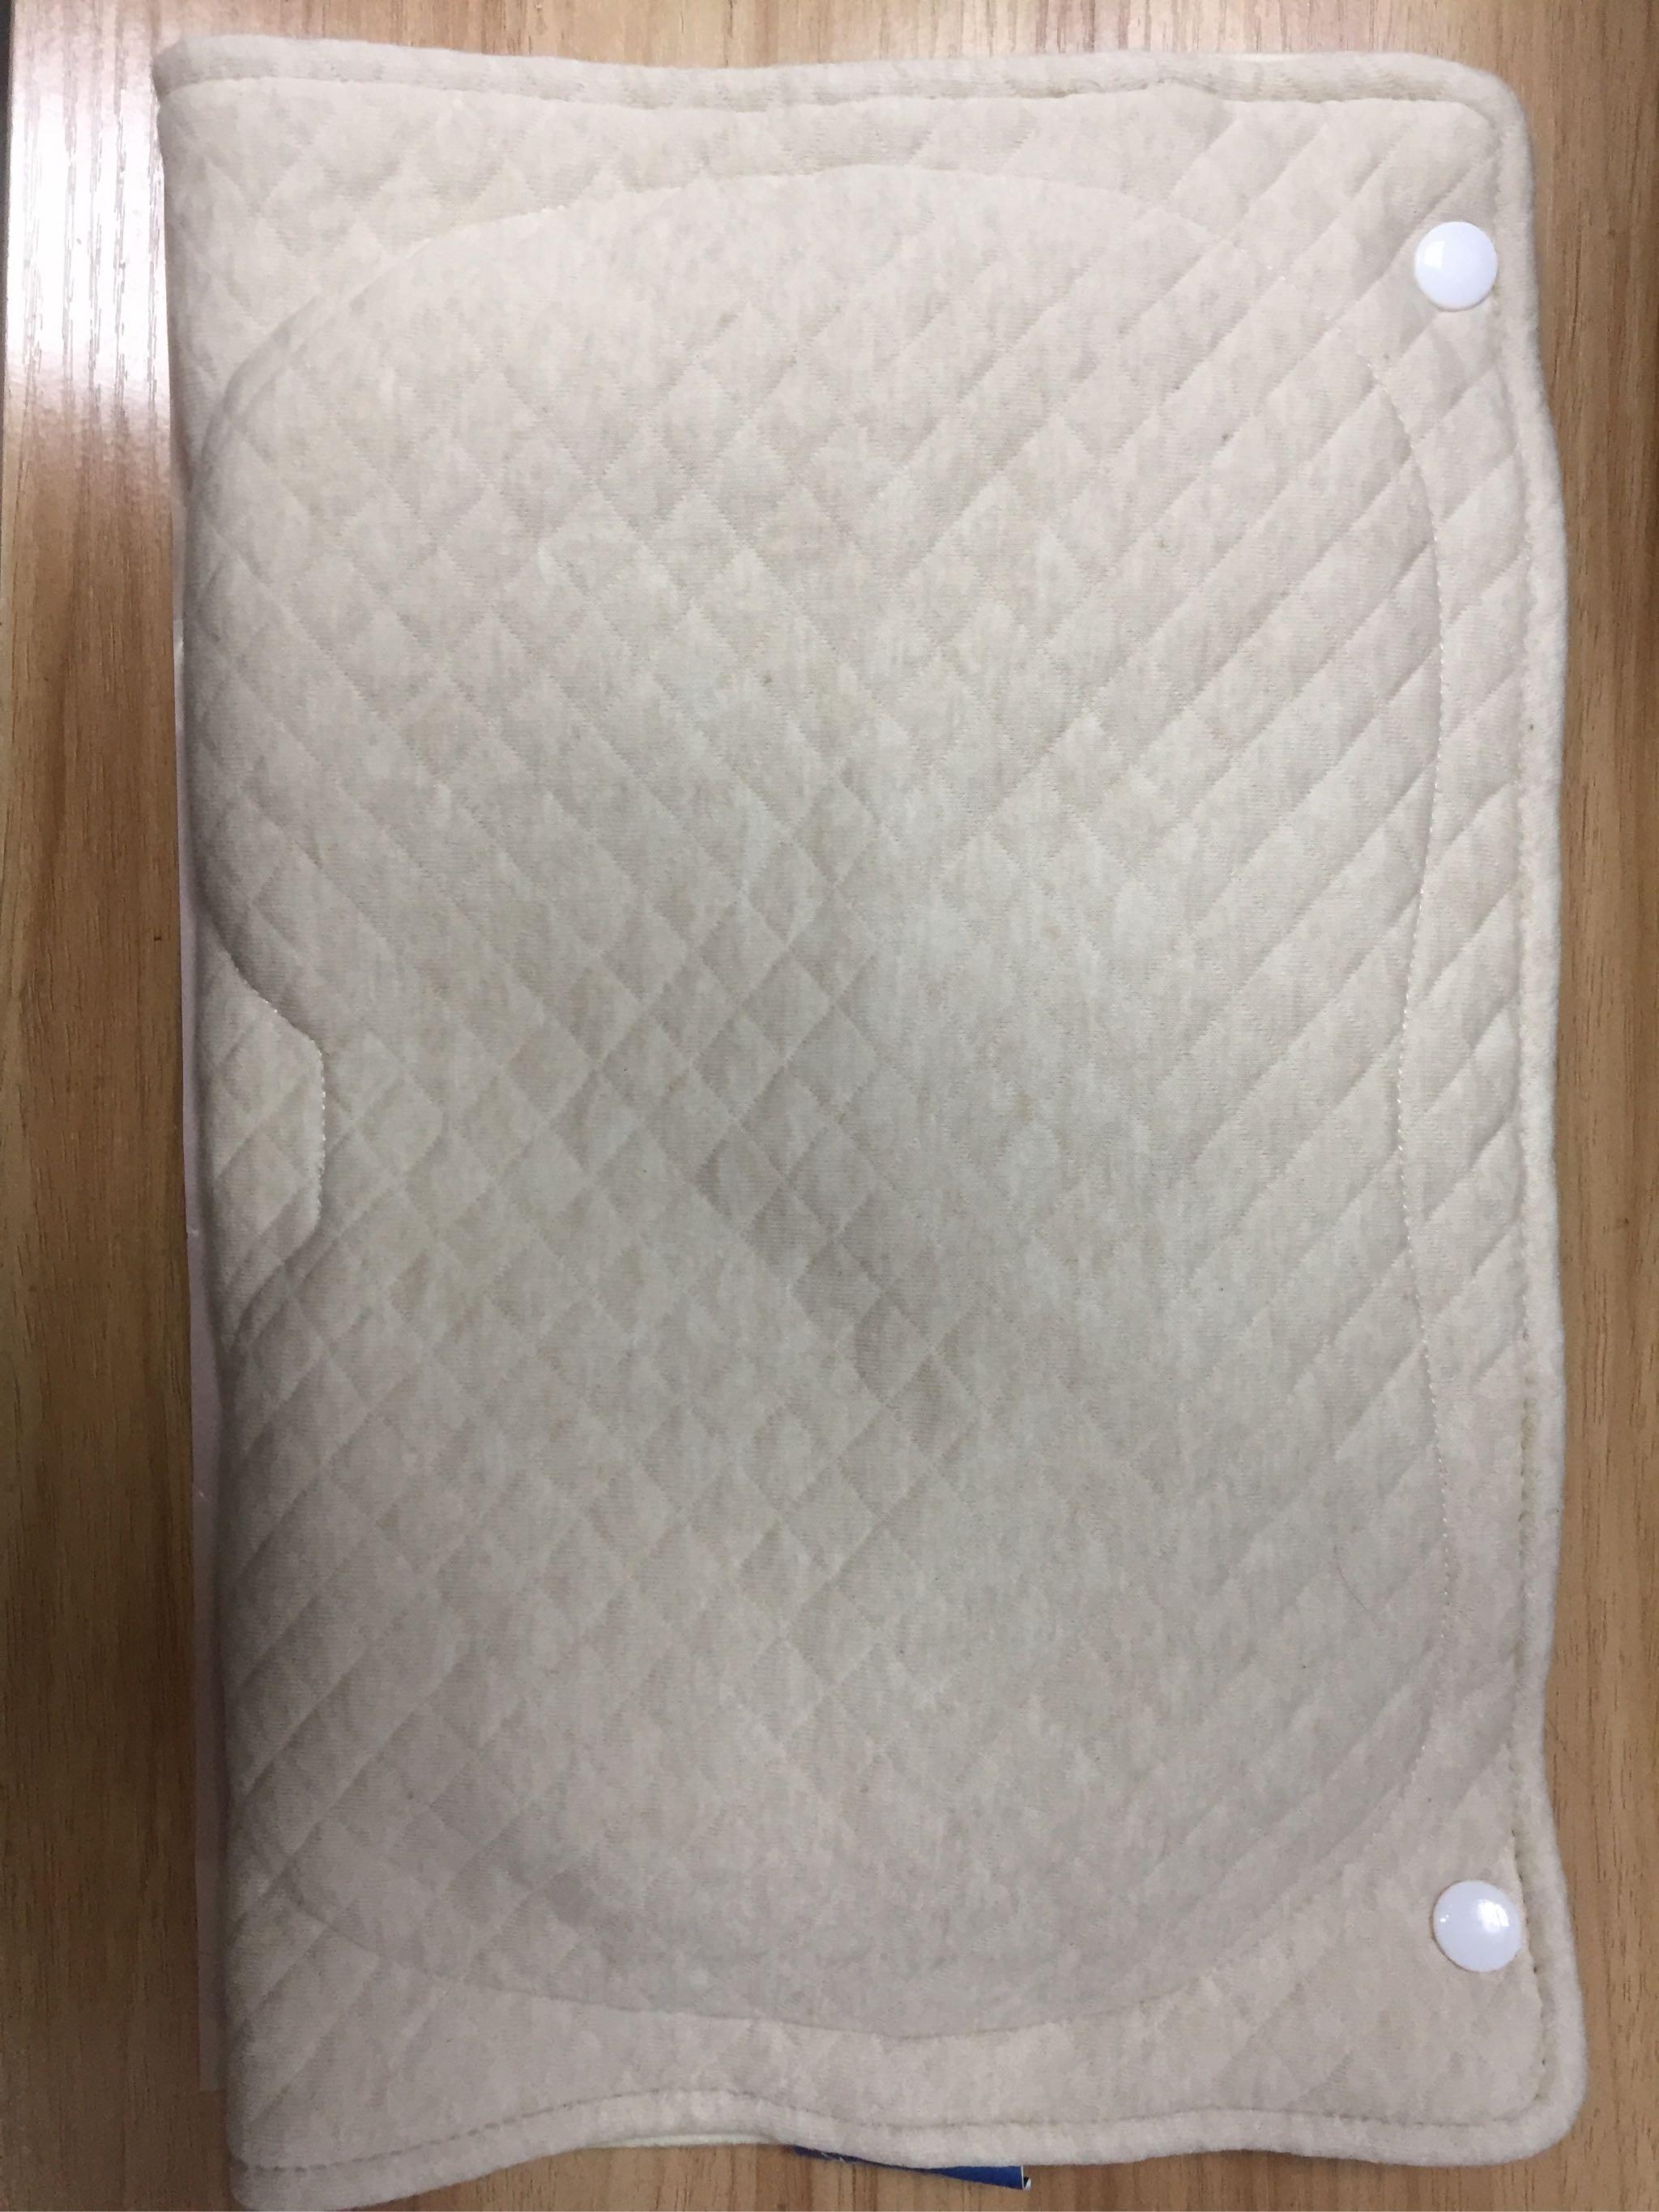 婴儿定型枕防偏头新生儿娇正枕这个牌子型号的好用吗,详细评测